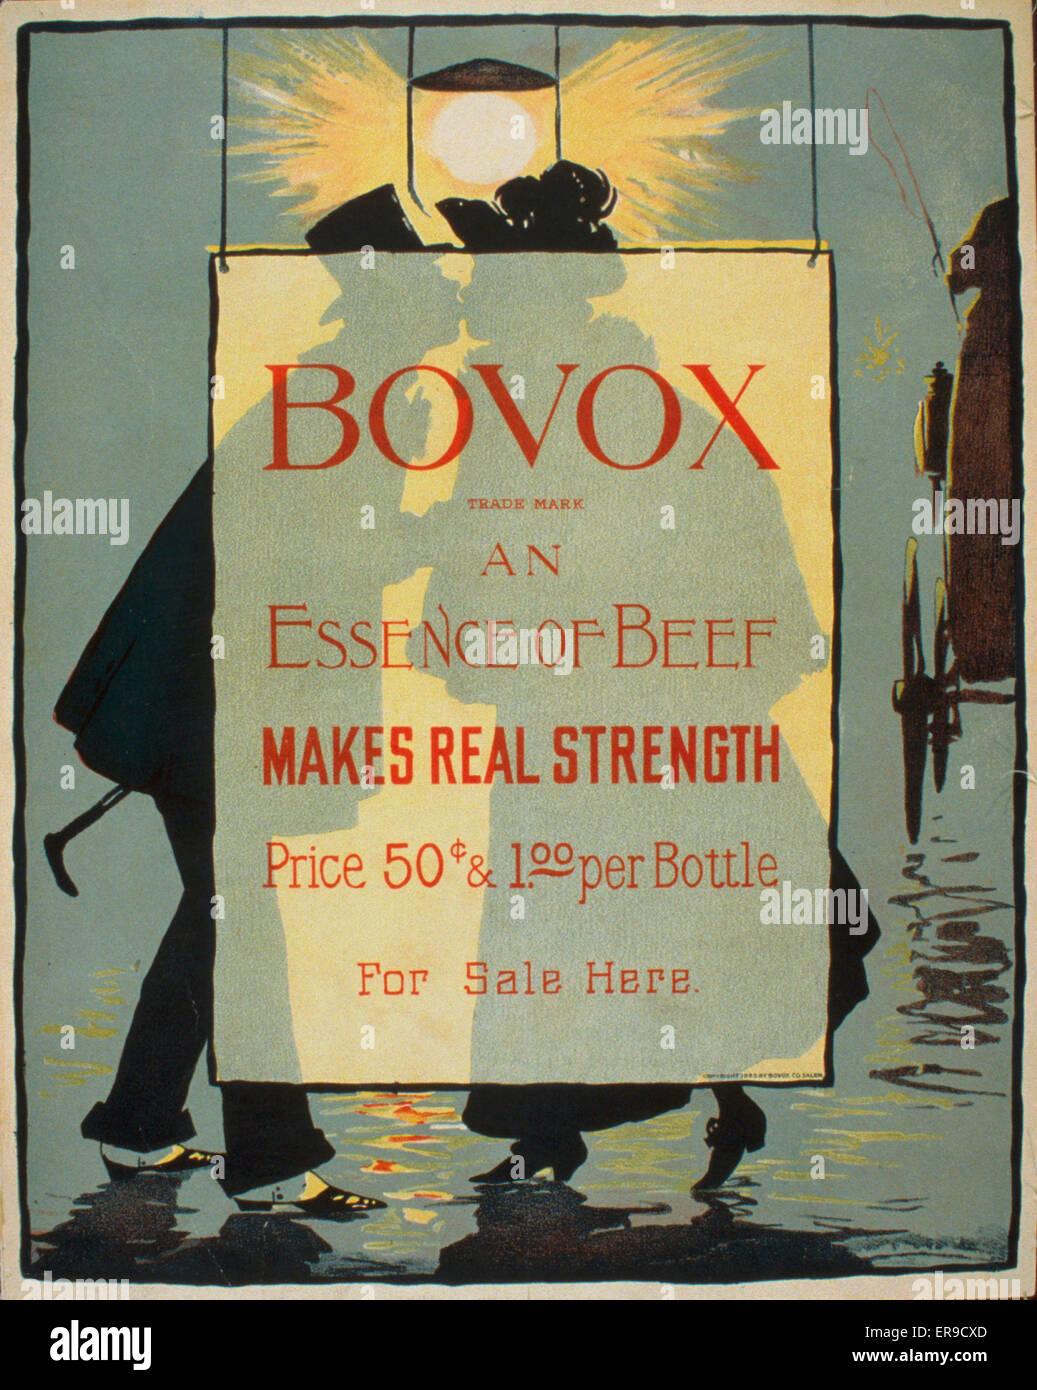 Bovox Marke - eine Essenz von Rindfleisch macht wahre Stärke. Werbeplakat zeigt ein paar küssen unter Stockbild